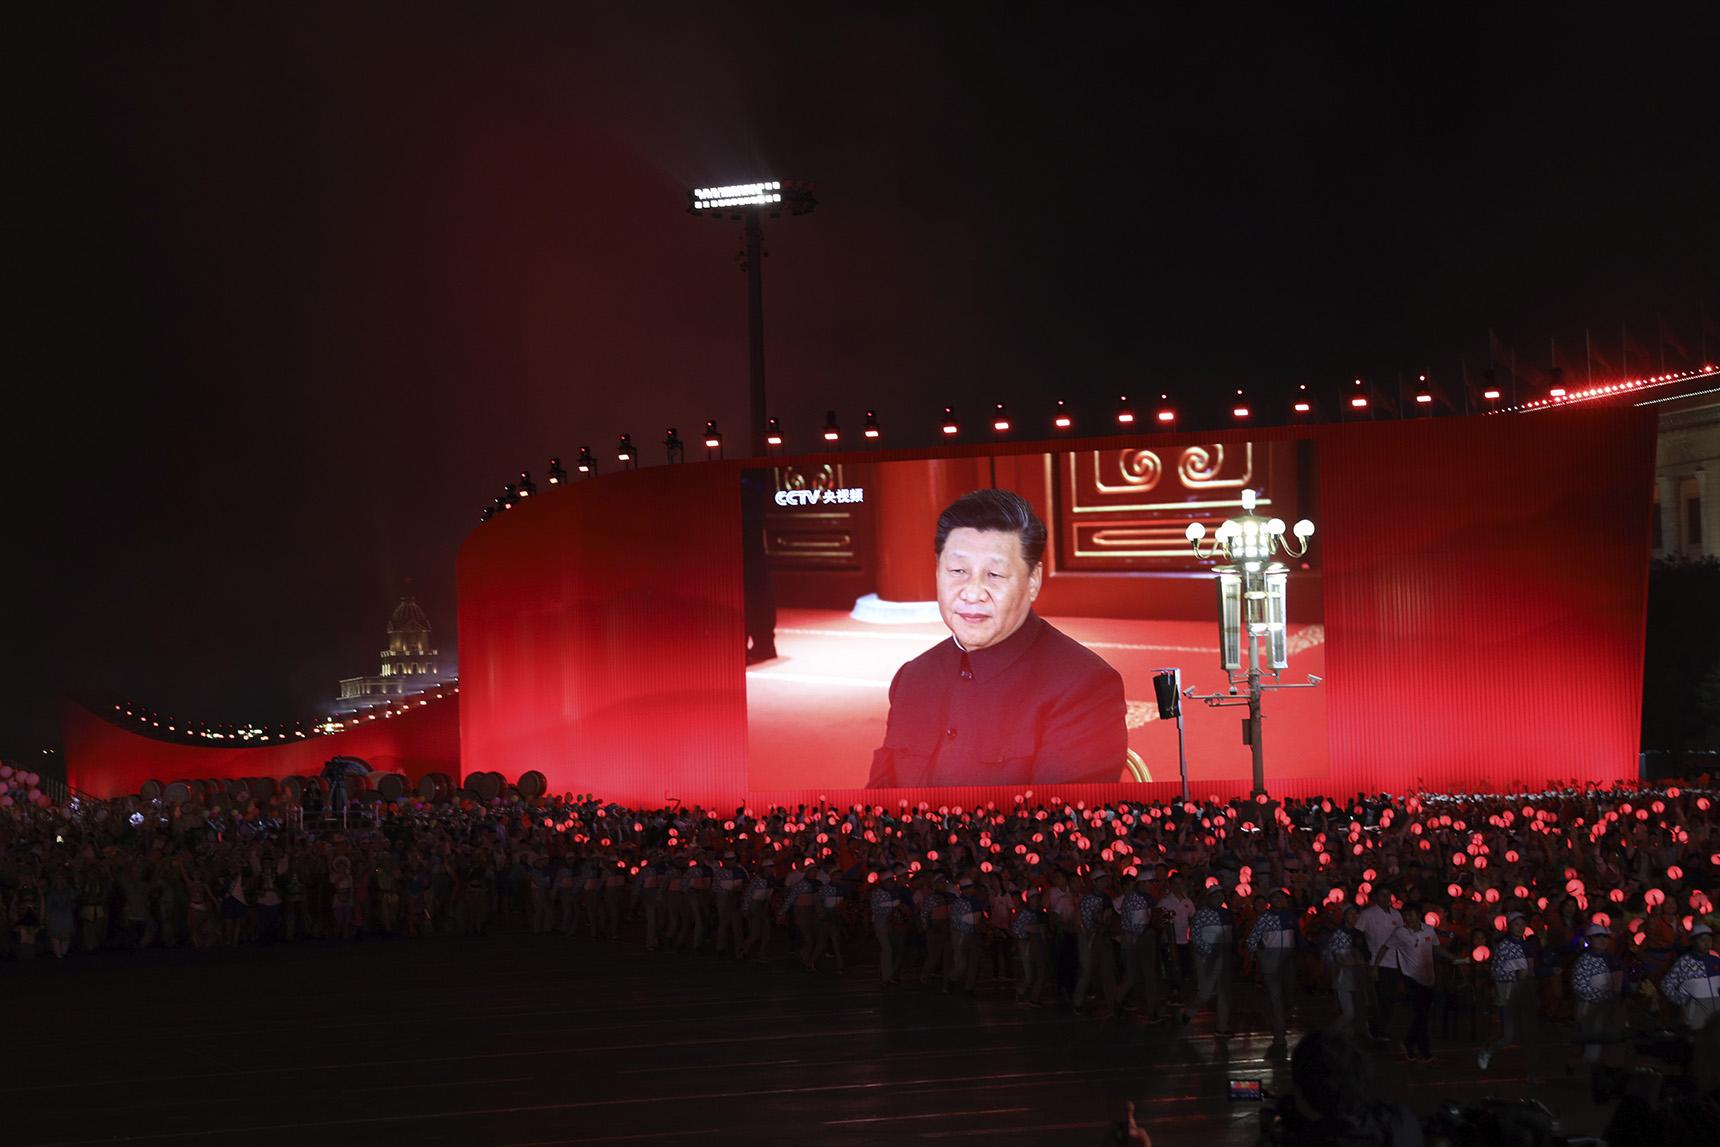 庆祝中国国庆70周年的活动上展示的习近平大型头像。(美联社)